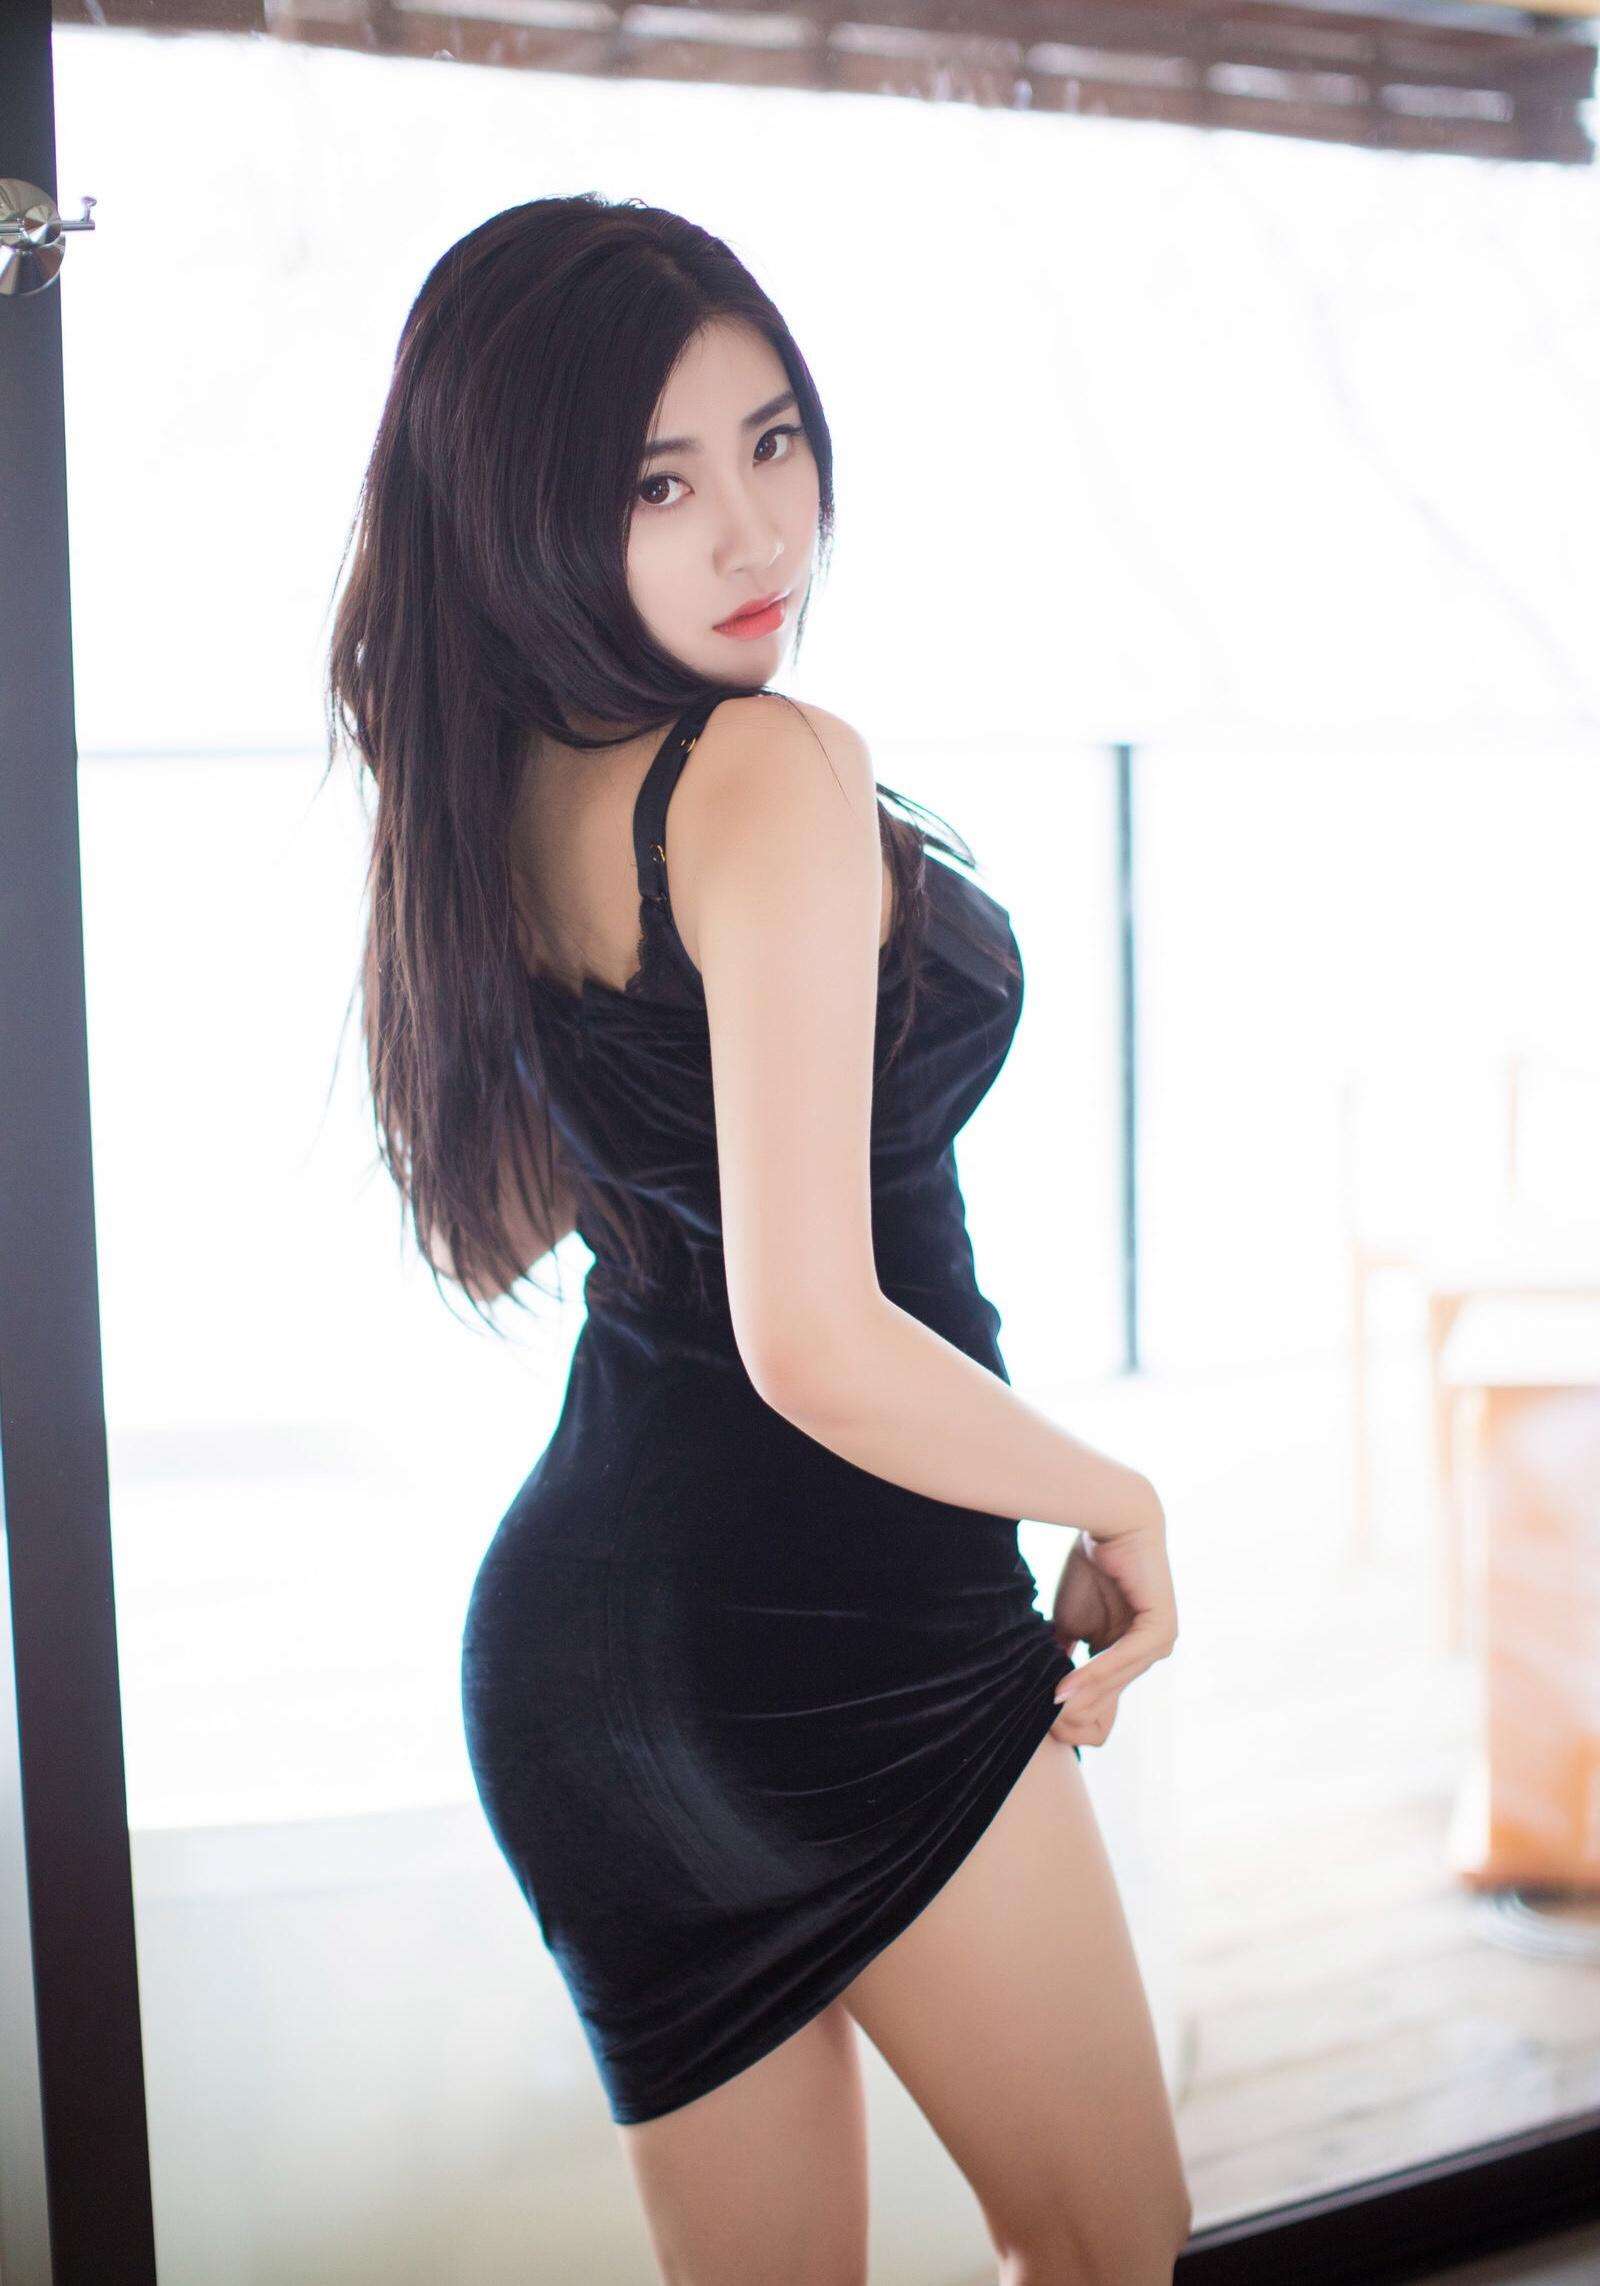 セクシーすぎる台湾美女の画像(16pics)